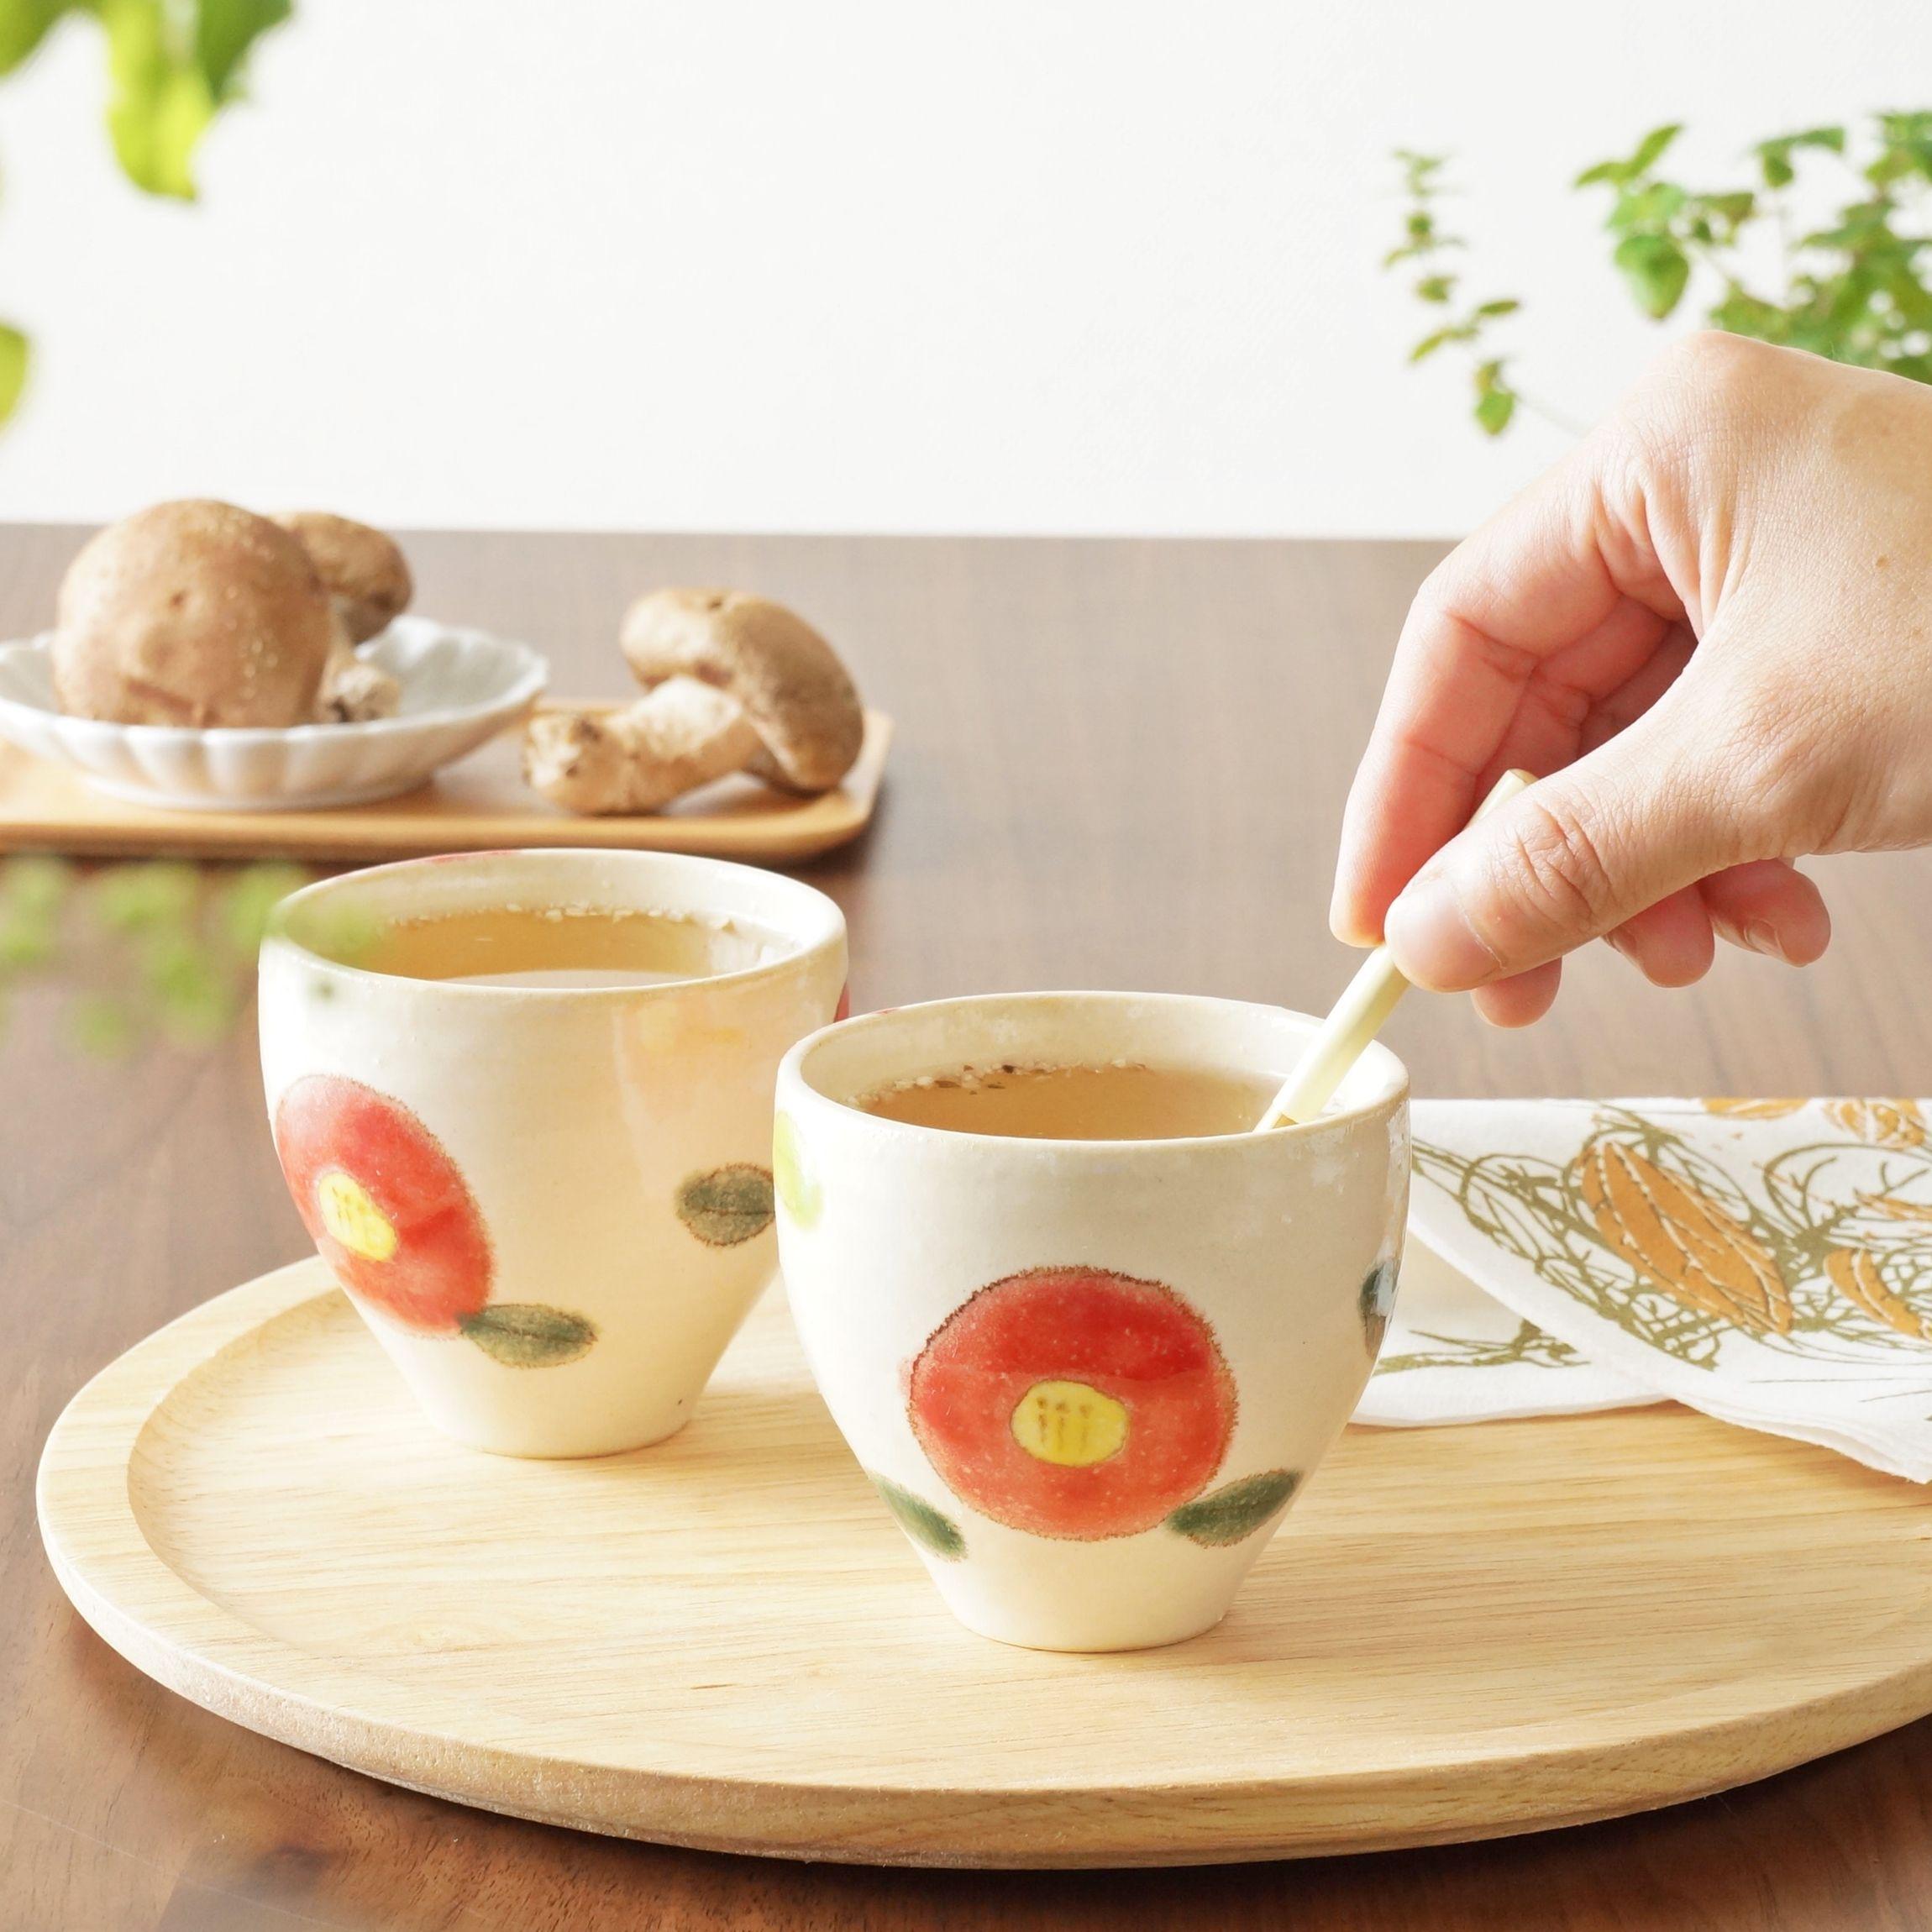 高評価 伊藤園 伝承の健康茶 黒豆茶 ペット275mlの口コミ 評価 値段 価格情報 日本最大級食品クチコミ もぐナビ Mognavi 黒豆茶 茶 健康